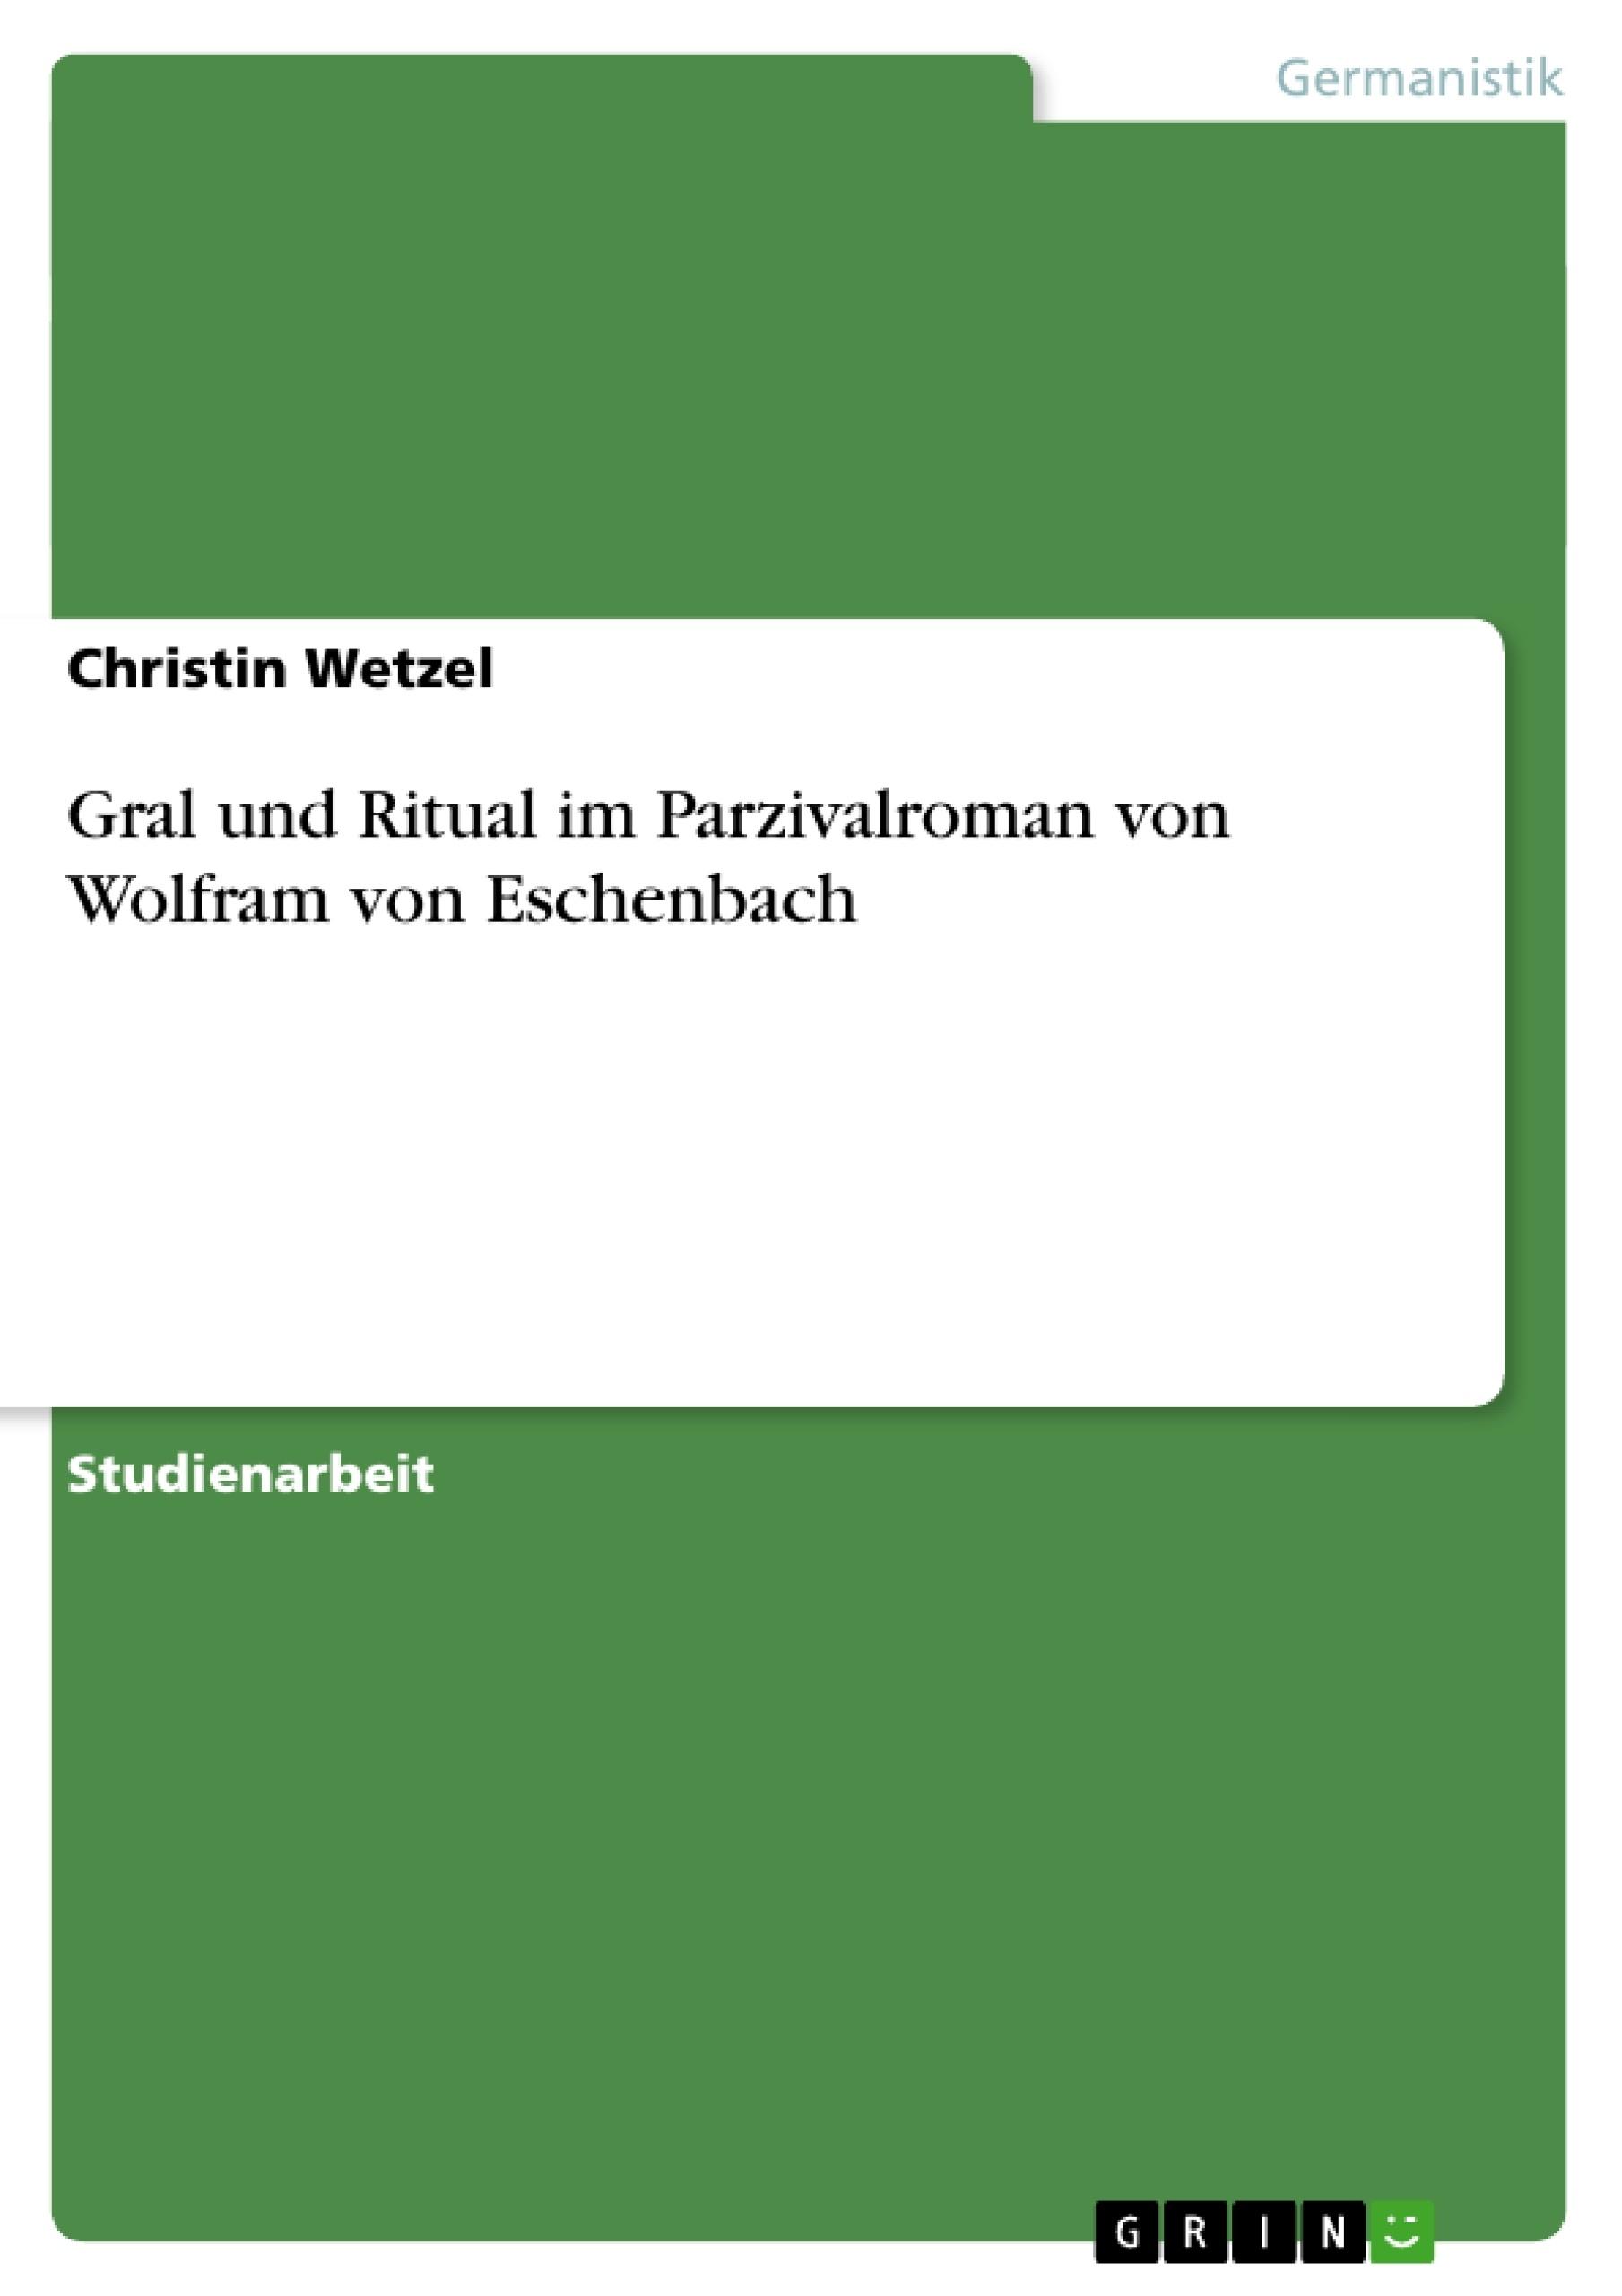 Titel: Gral und Ritual im Parzivalroman von Wolfram von Eschenbach